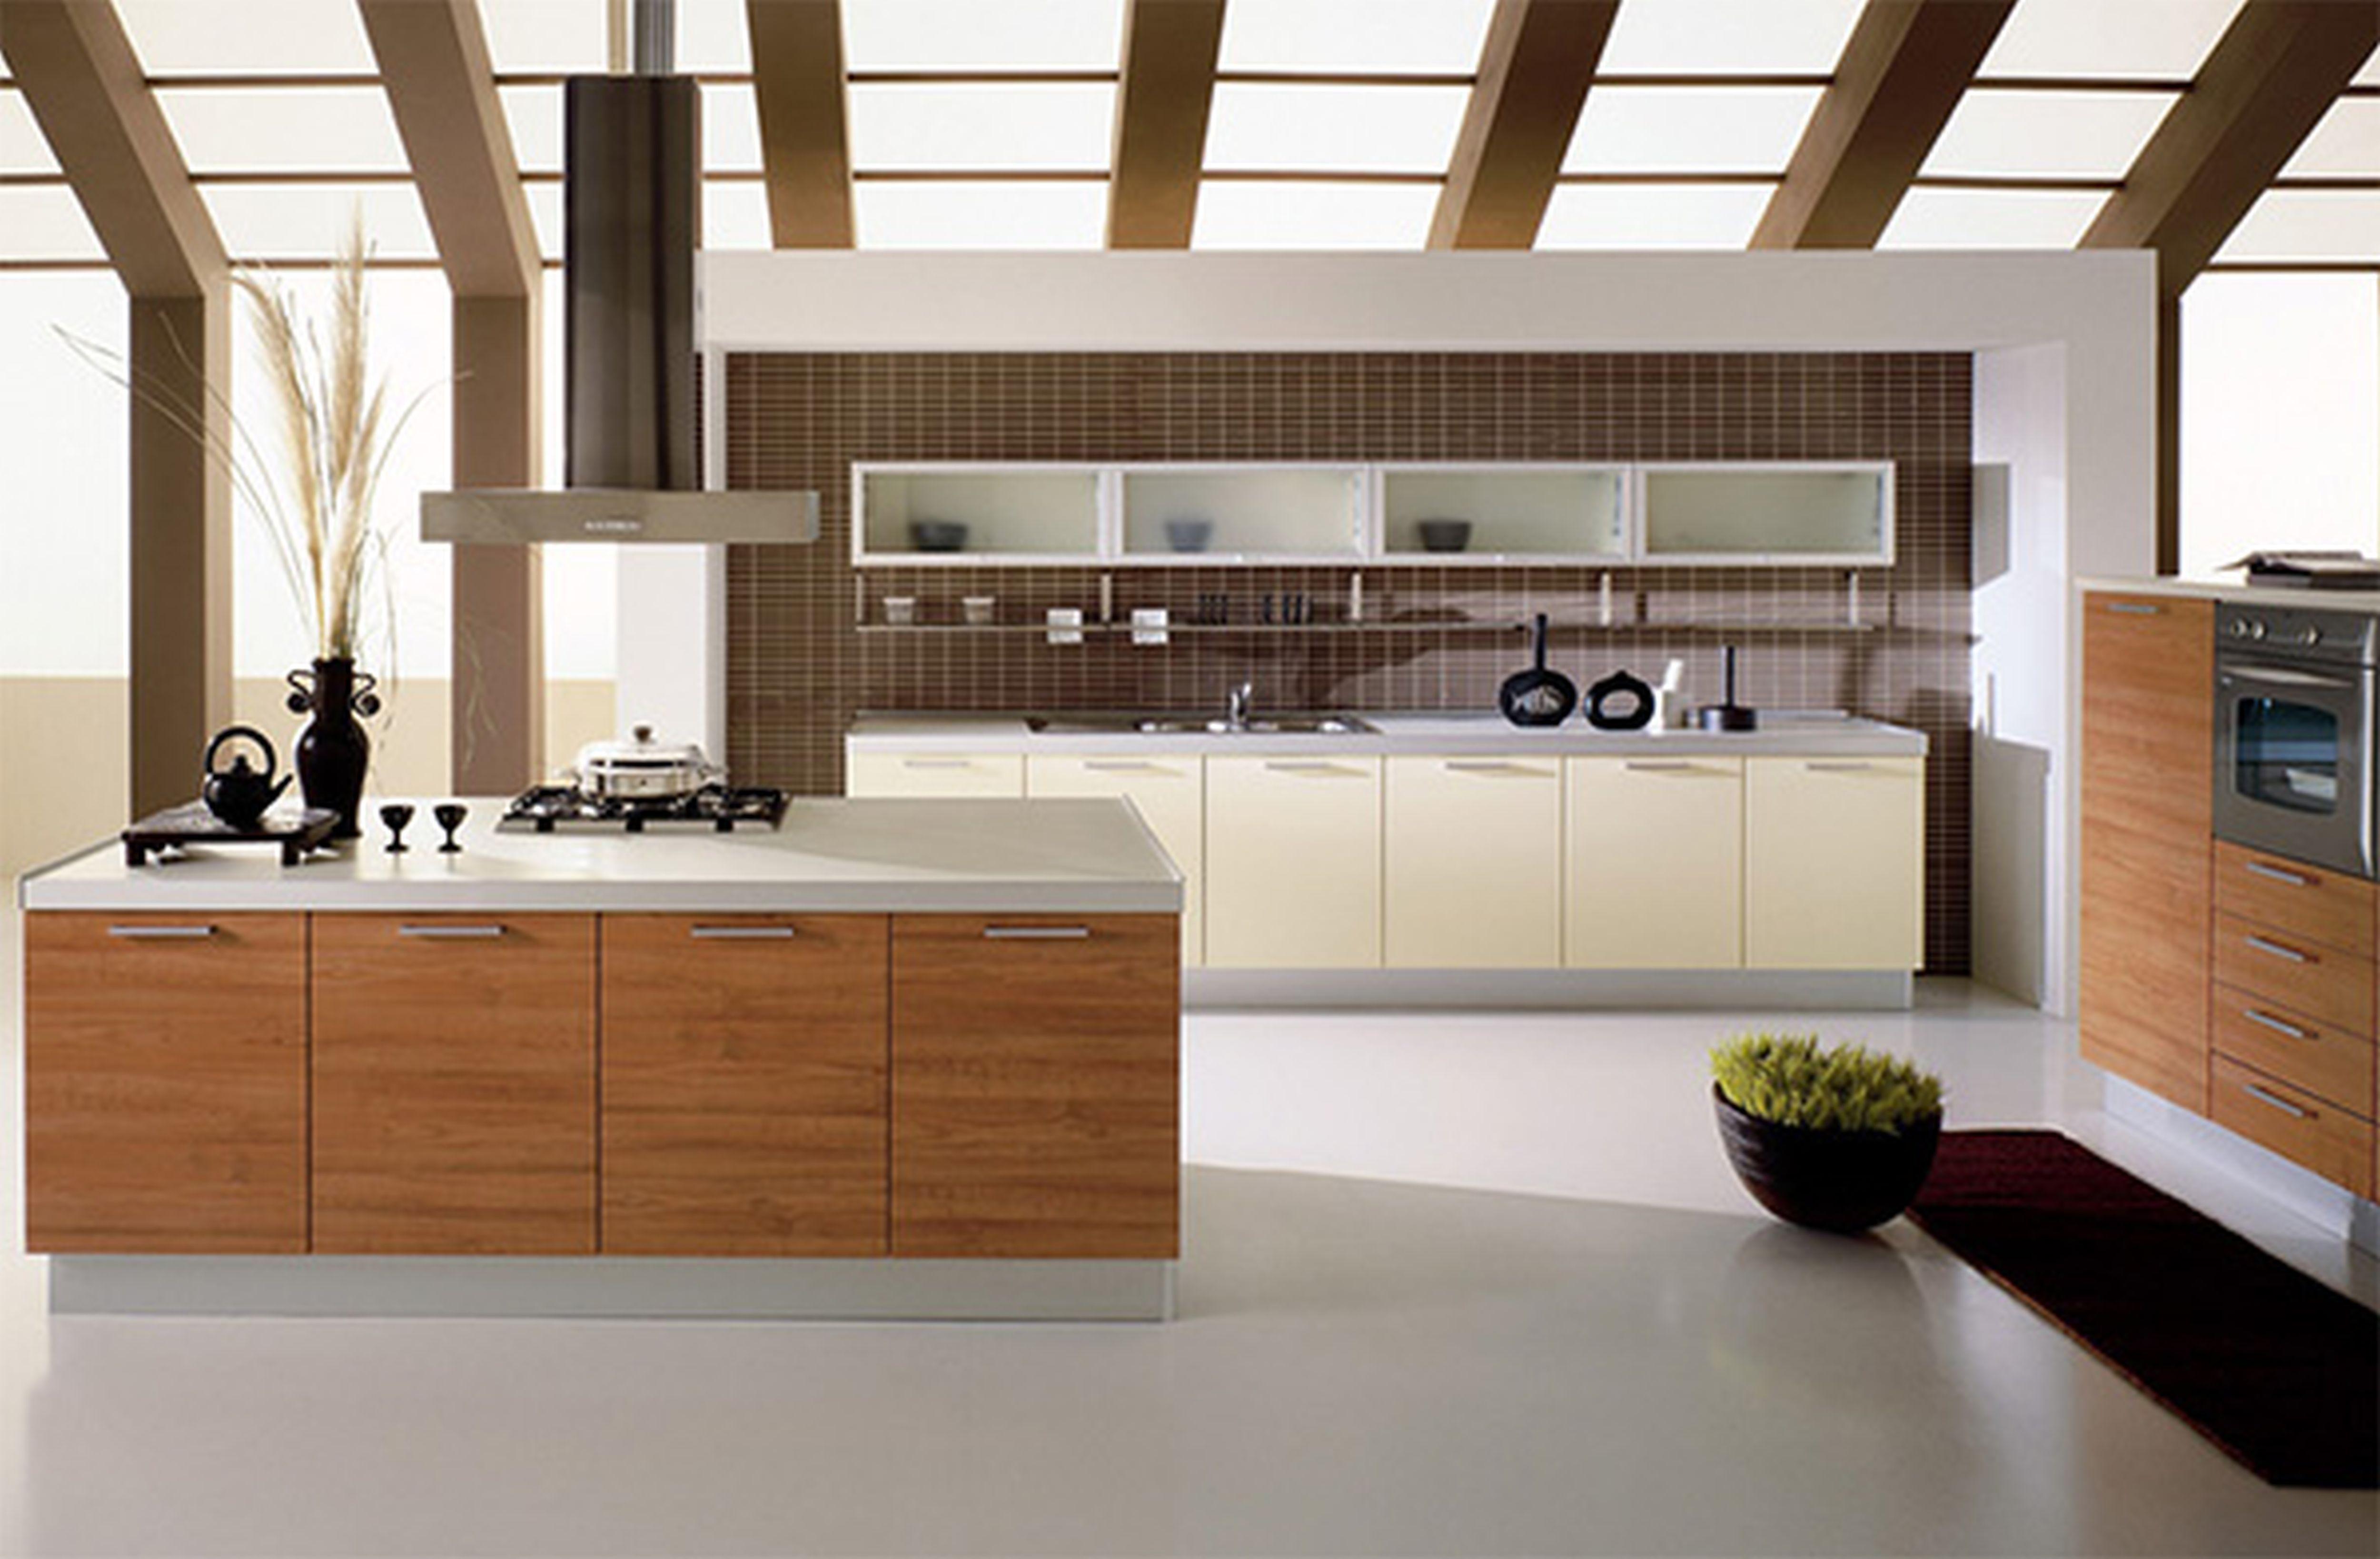 modern kitchen ideas Kitchen Contemporary Kitchen Design Ideas With Modern White And Contemporary Kitchen Cabinets